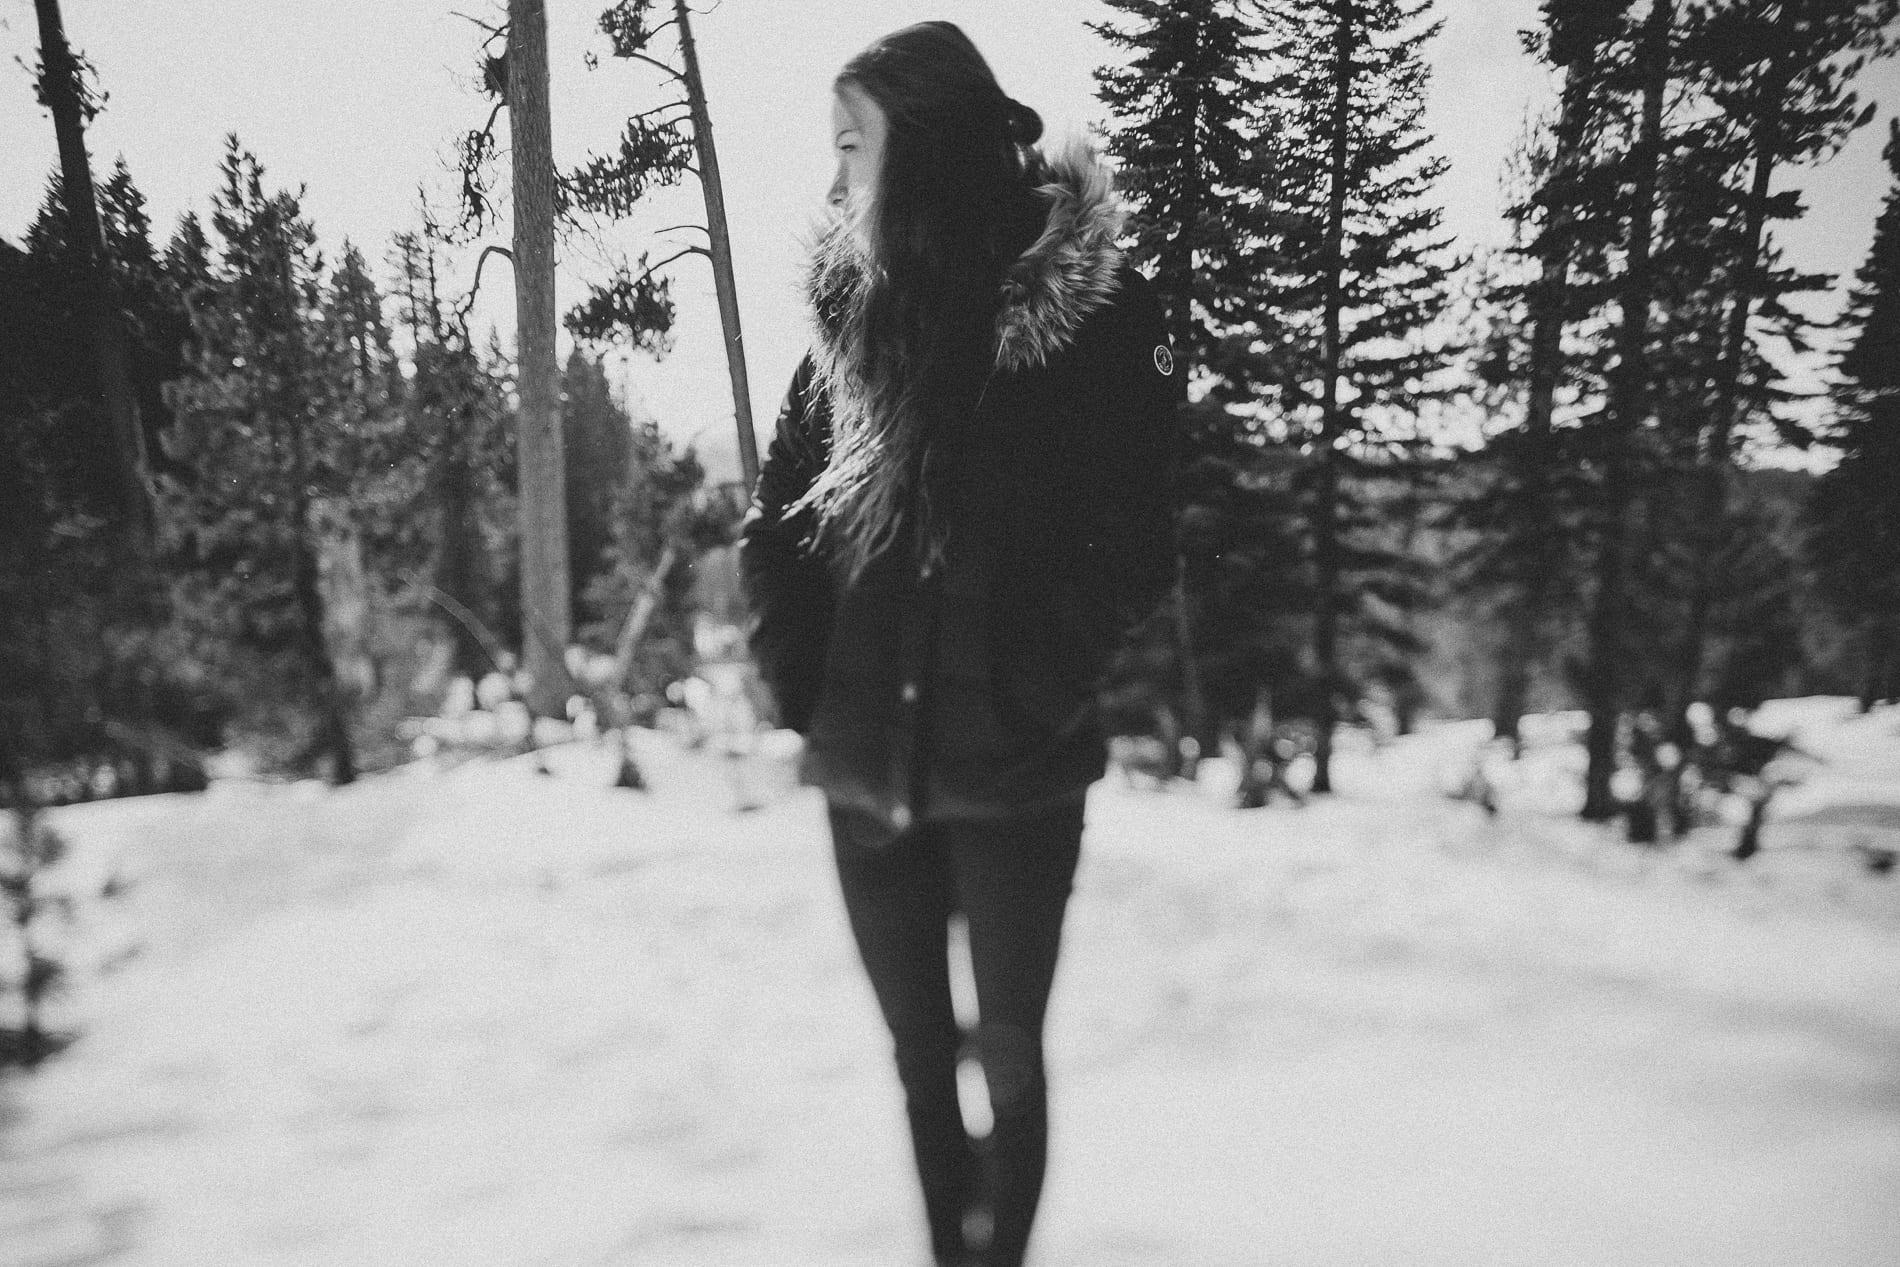 mount-lassen-adventures-lifestyle-portrait-photography-4